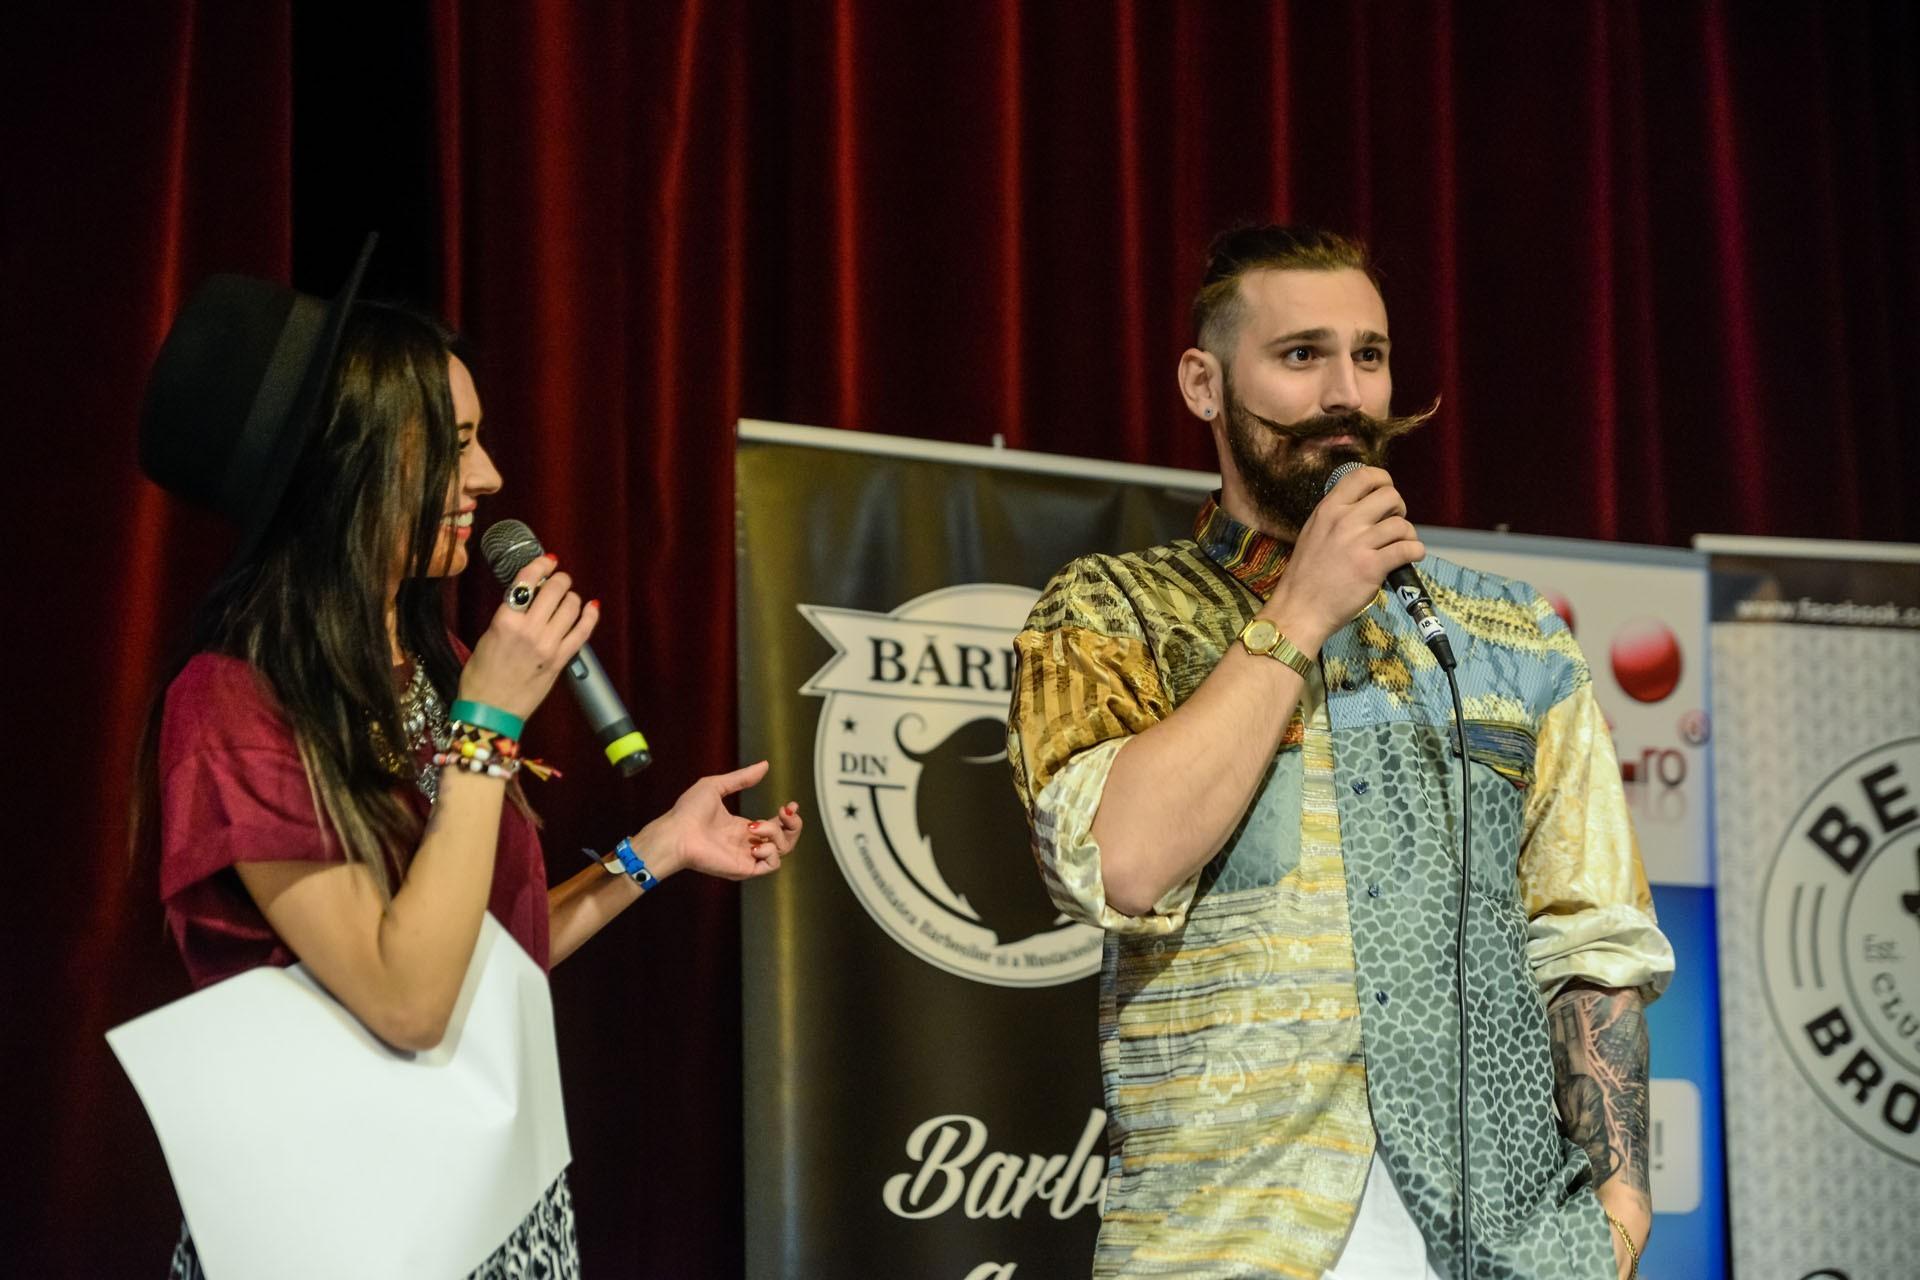 concursul-national-barbi-mustati-2015-14